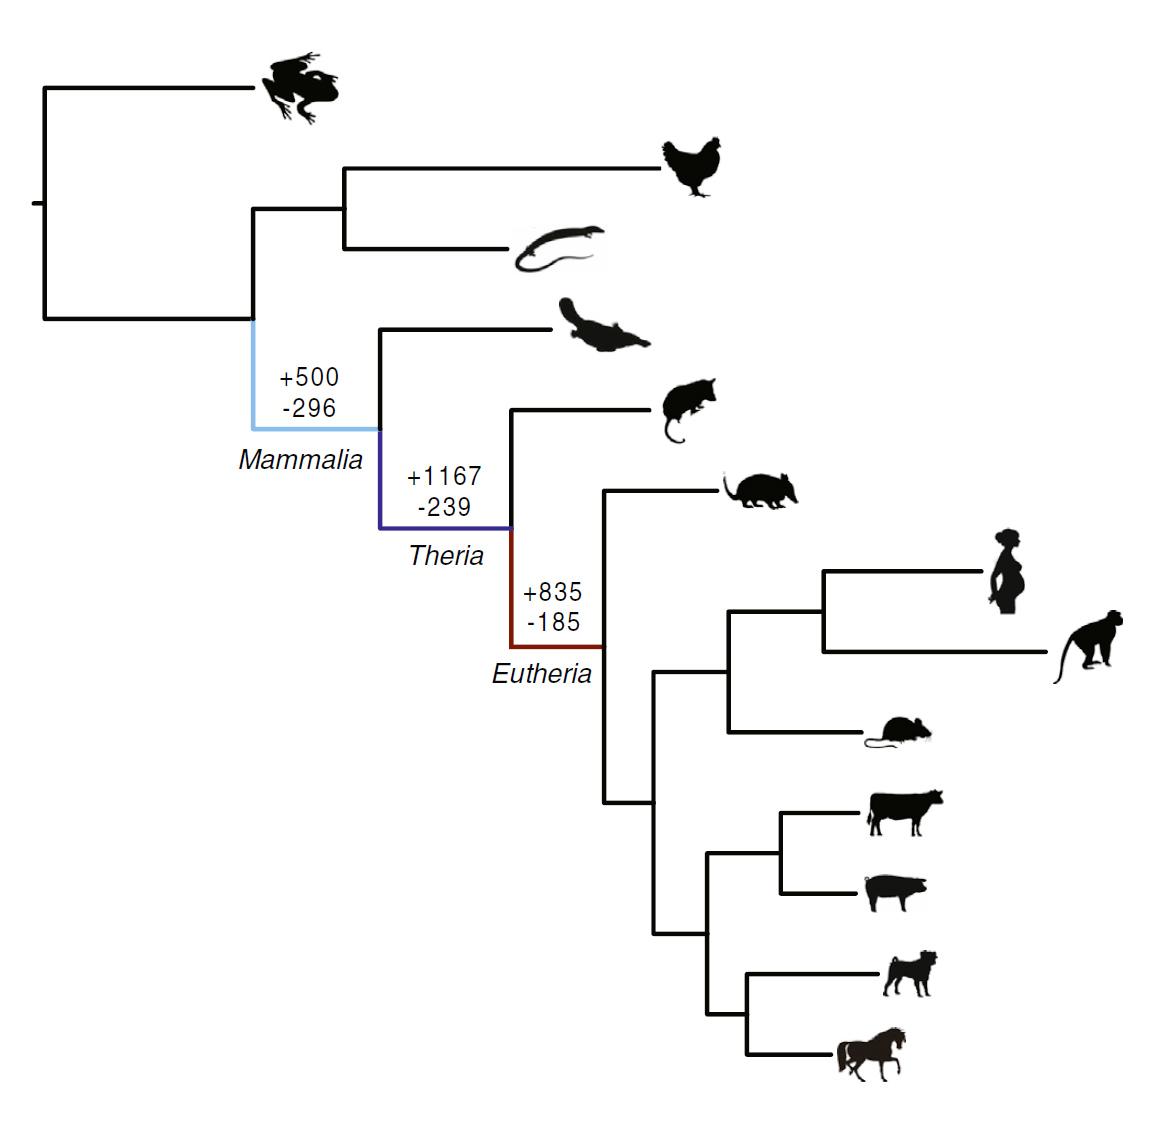 ancient  u0026 39 genomic parasites u0026 39  spurred evolution of pregnancy